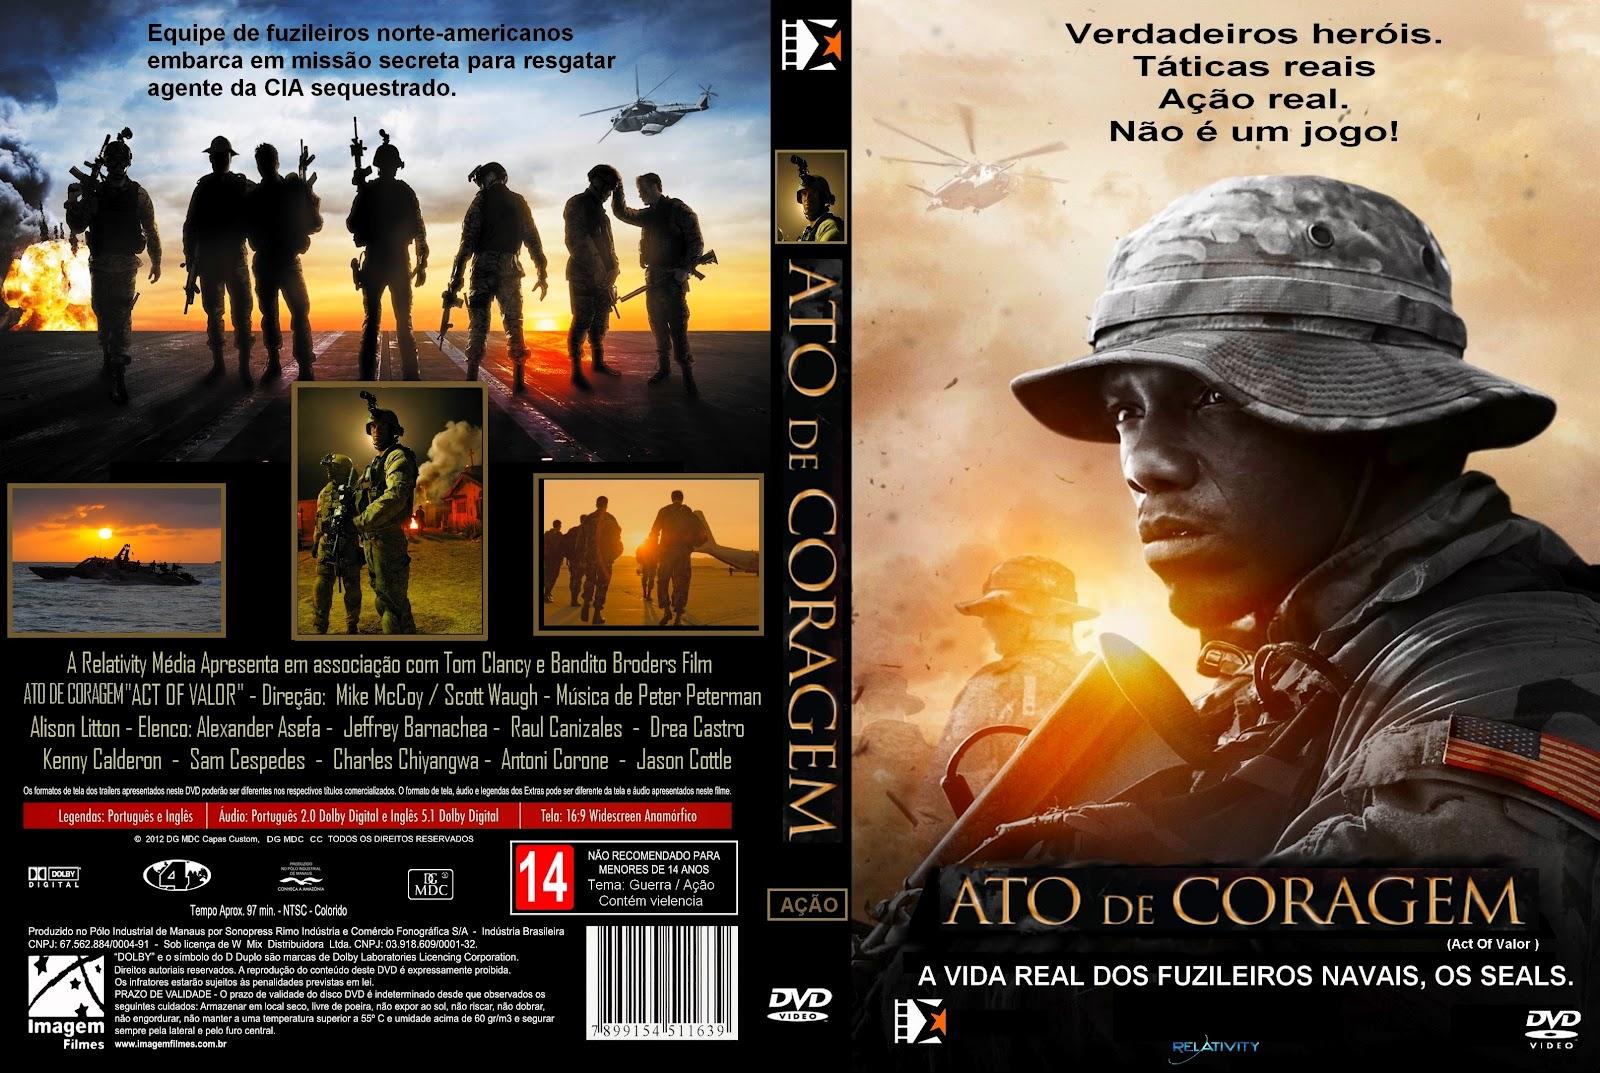 Baixar um ato de coragem (2002) 720p e 1080p dual áudio download.